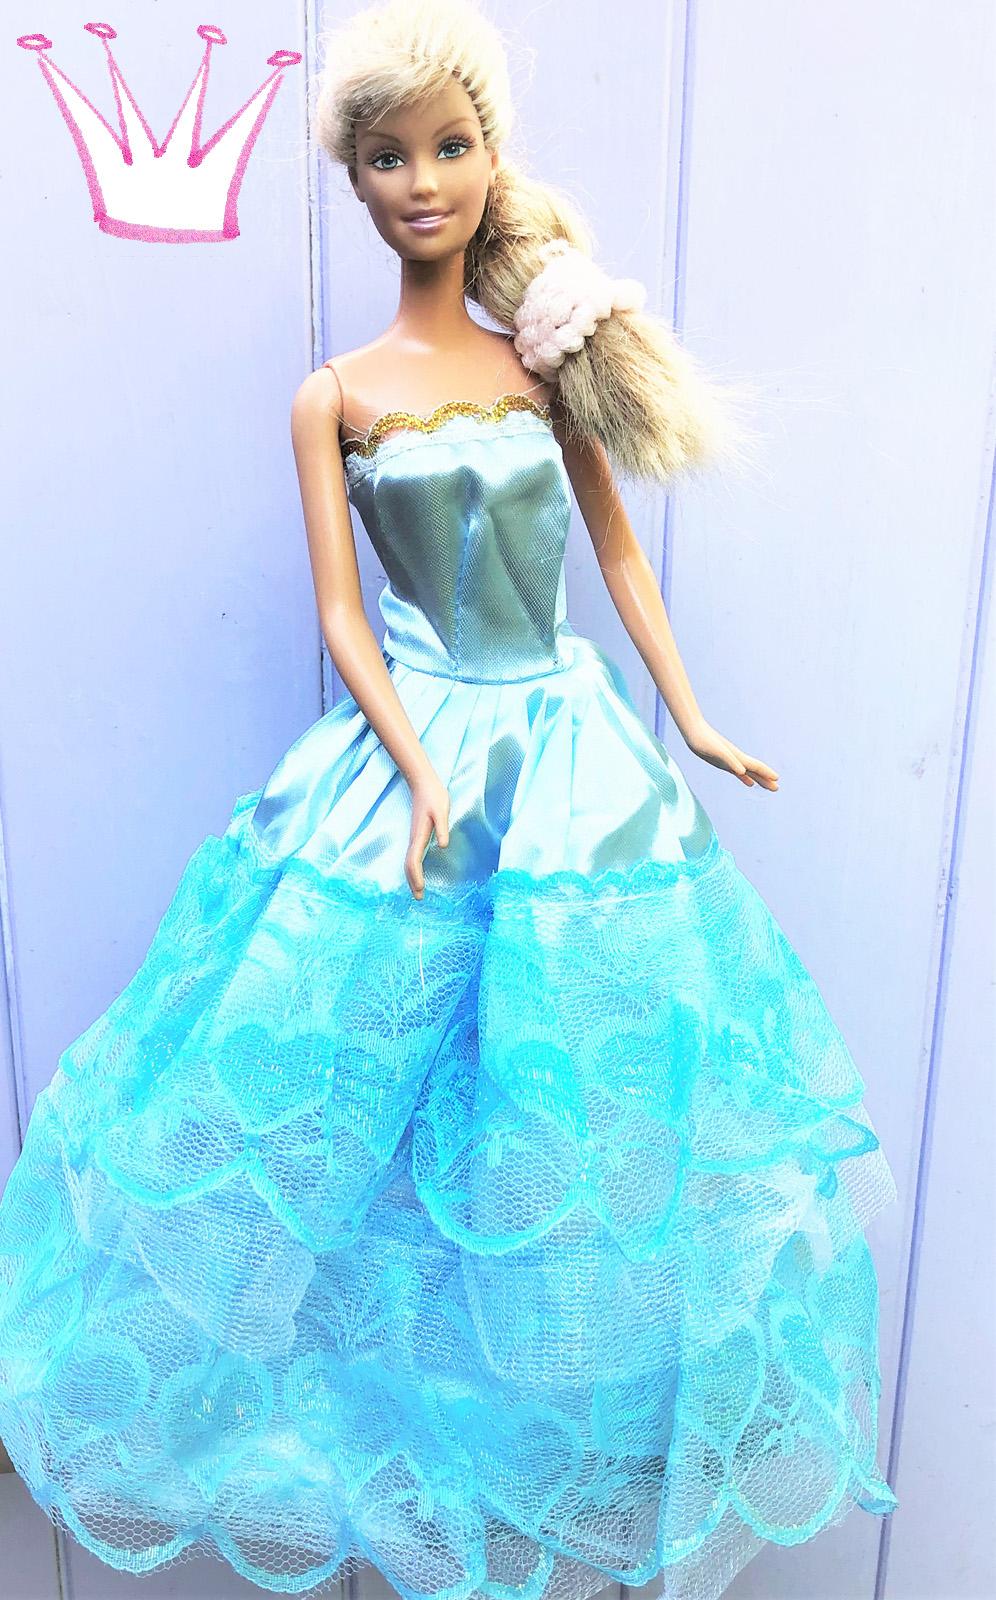 Kleider für Barbie-Prinzessinnen: hellblaues Ballkleid für